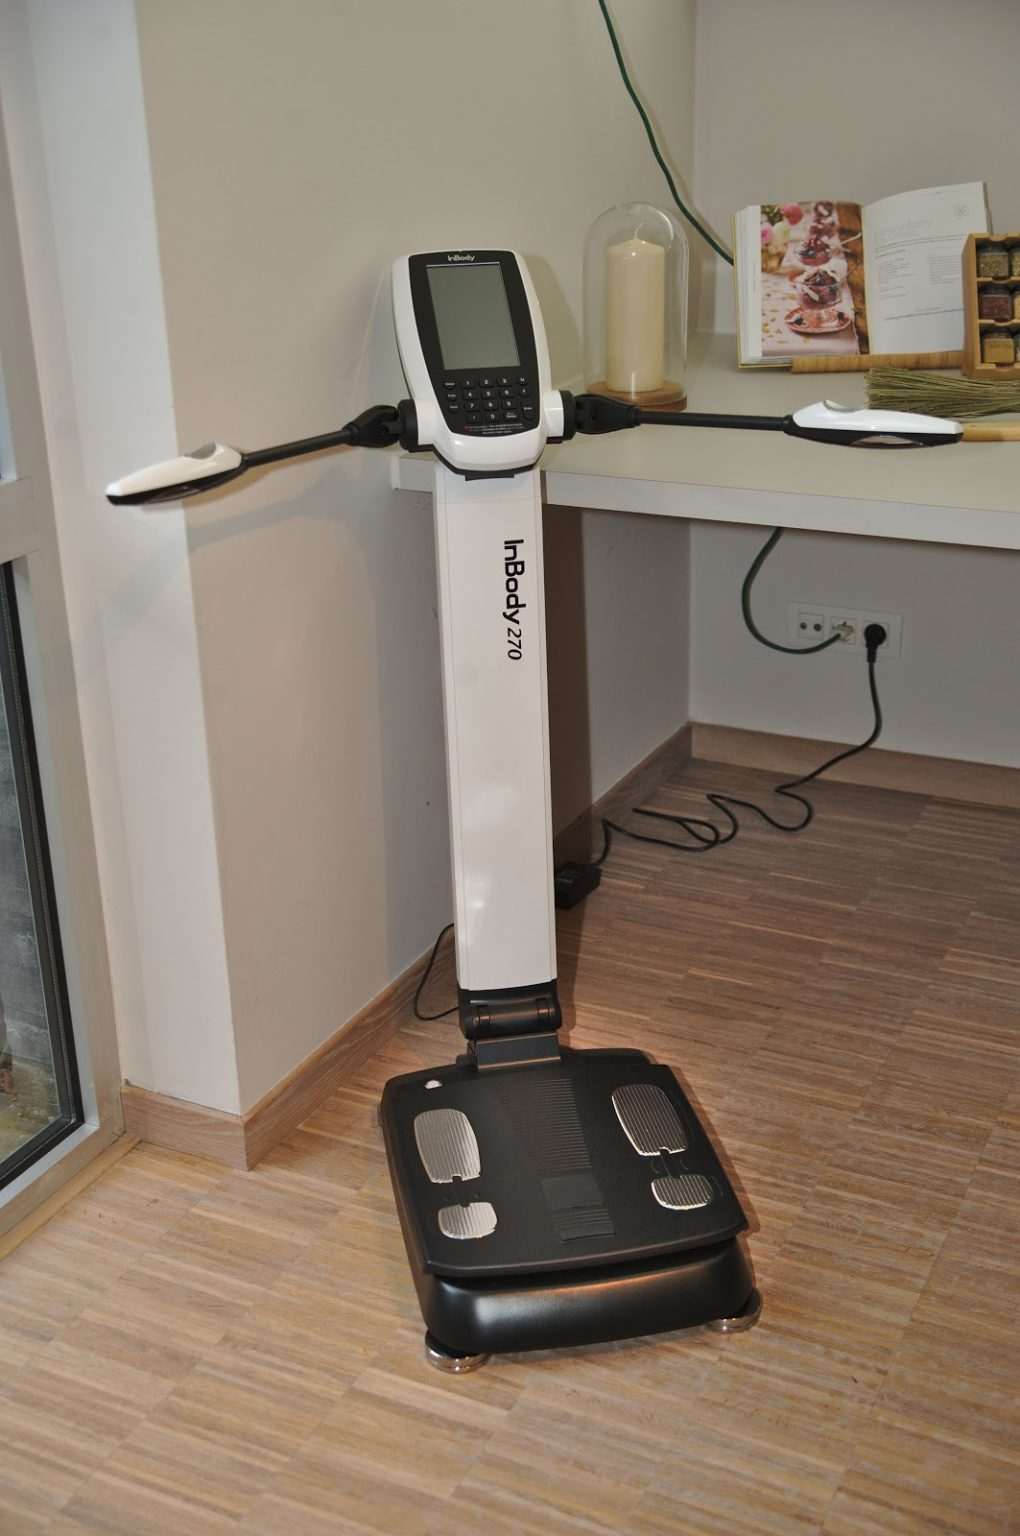 InBody 270 lichaamsmetingen lichaamsanalyses vetpercentage spiermassa sportvoeding voedingsadvies individuele coaching gezond afslanken fitter worden strakker worden Pelt